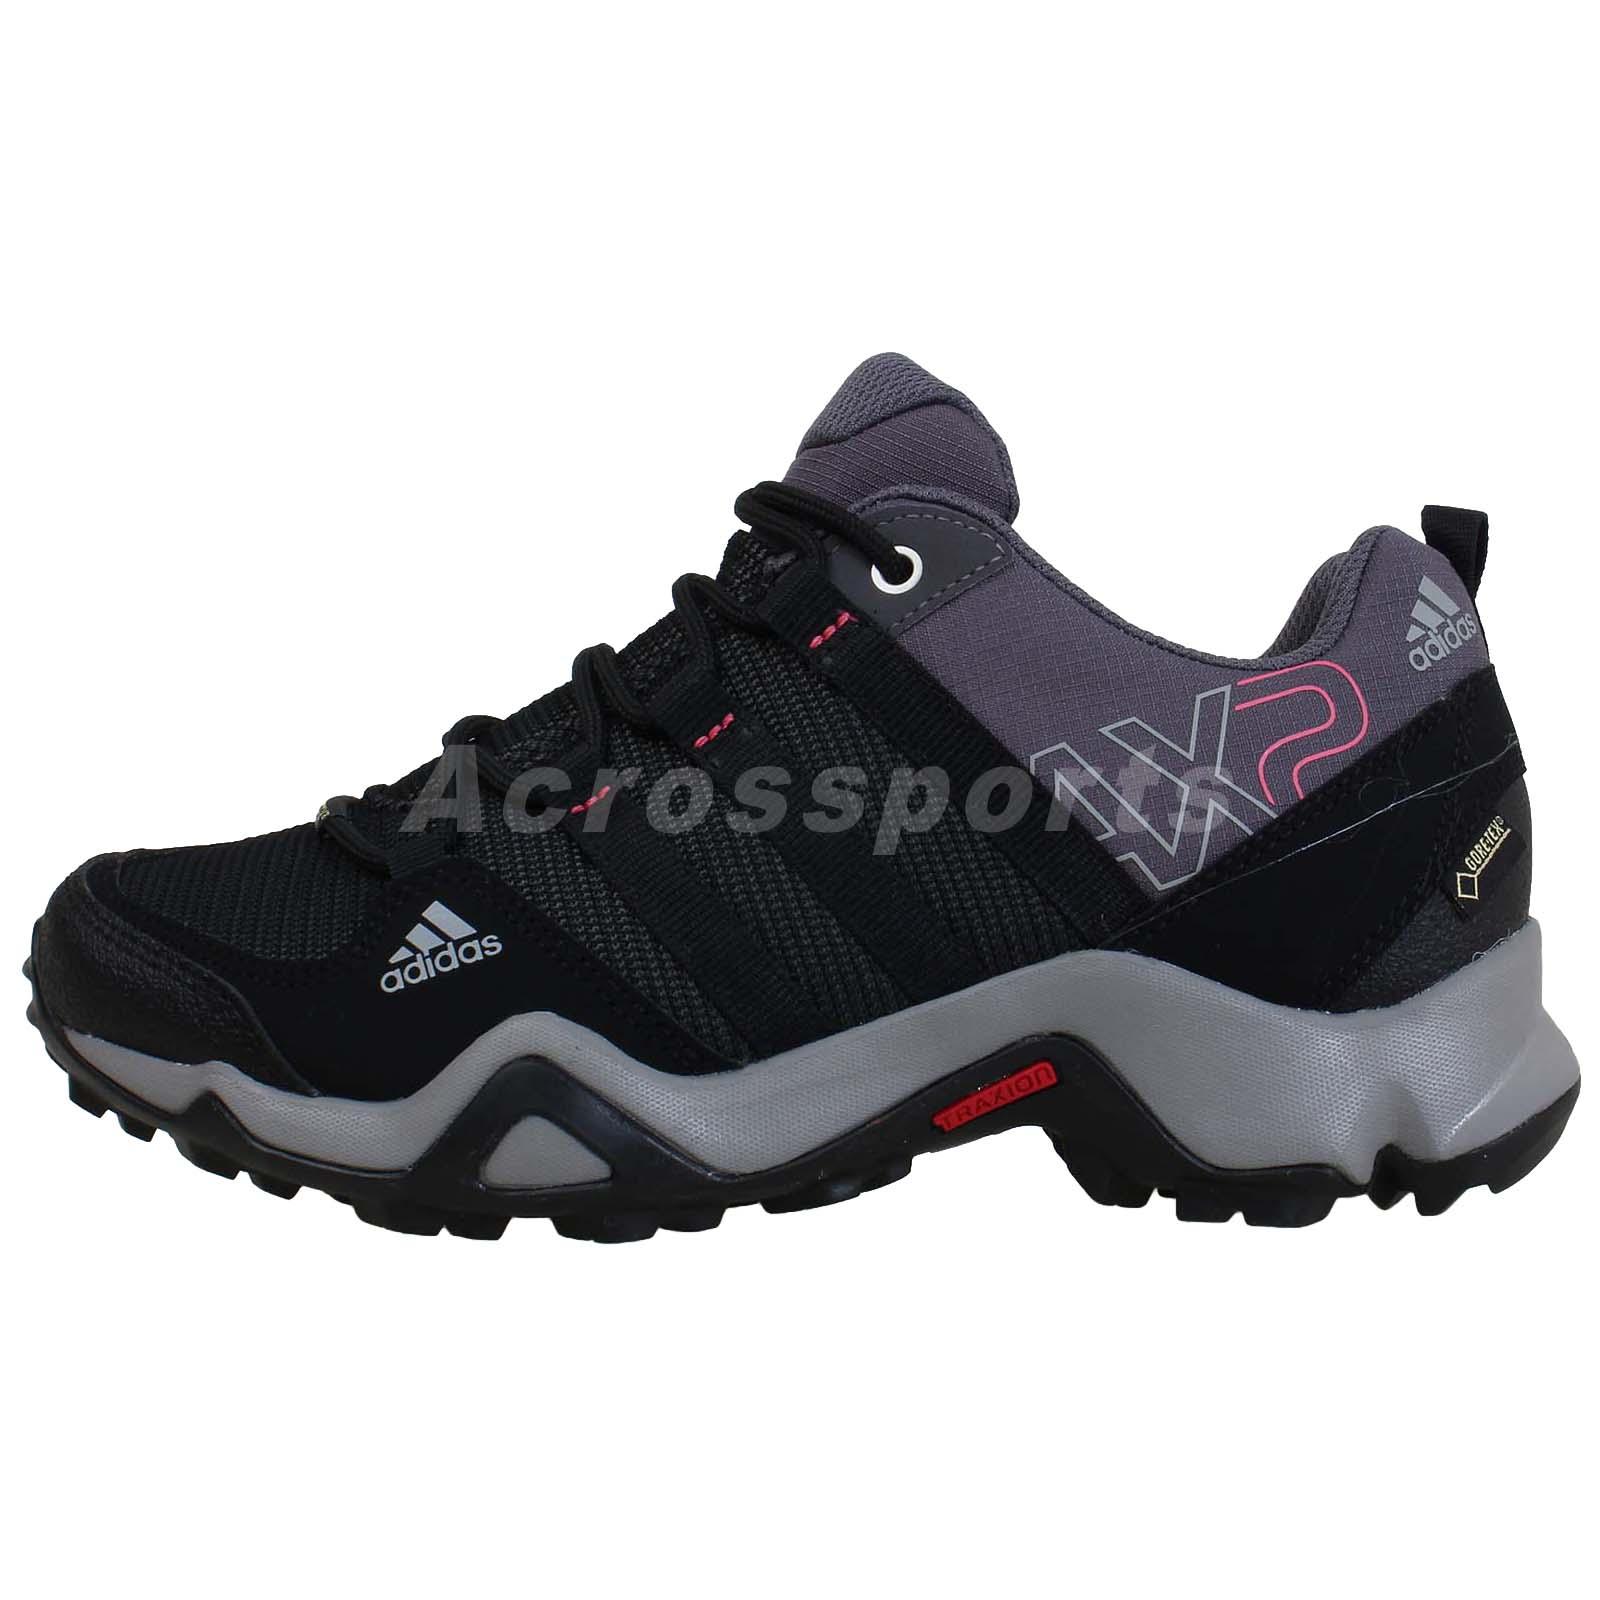 adidas ax2 gtx w m22935